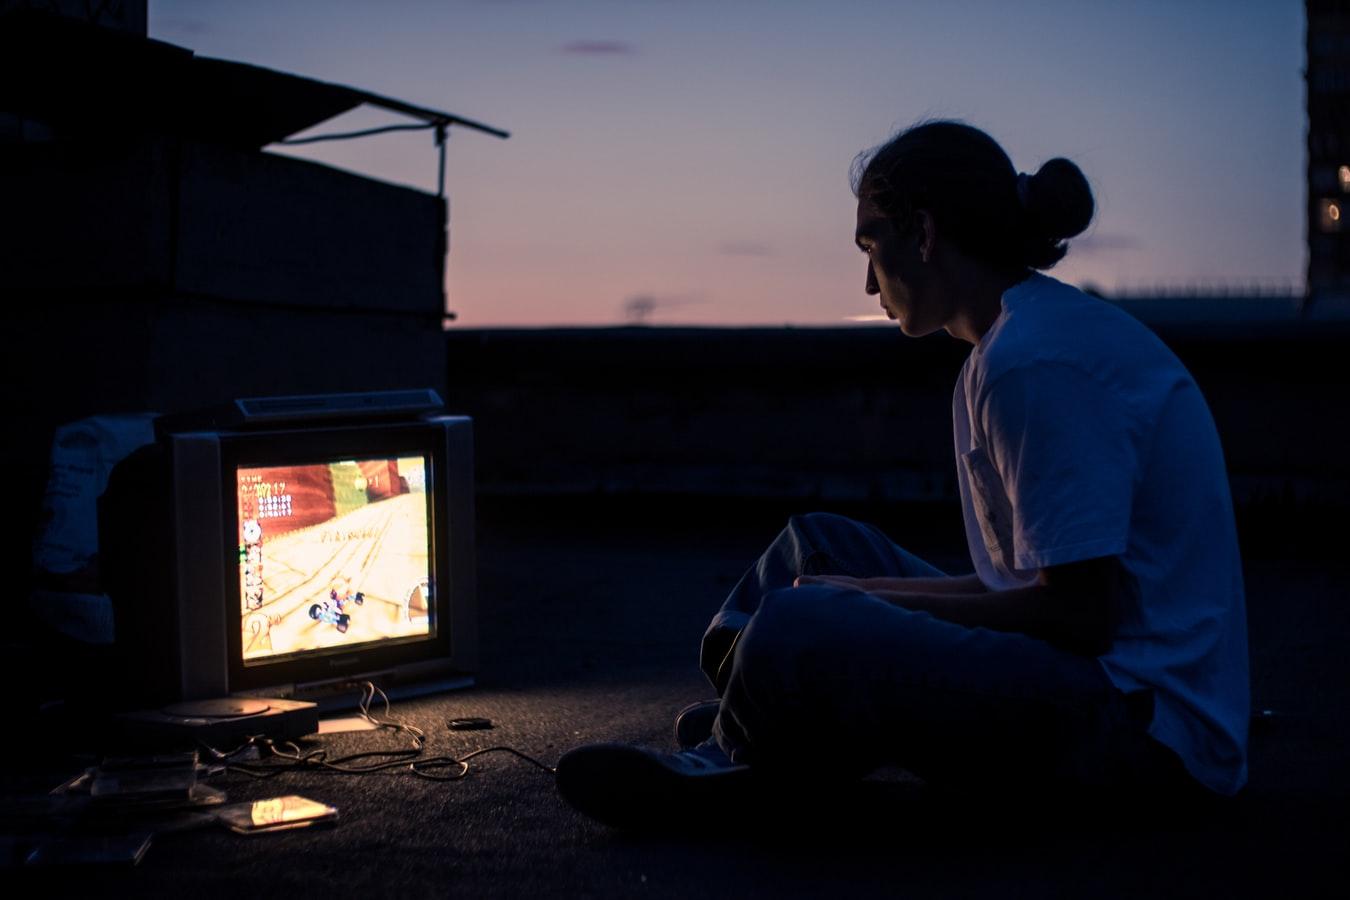 「ゲームで副業は可能?ゲームをしながら稼げる方法とは。」のアイキャッチ画像